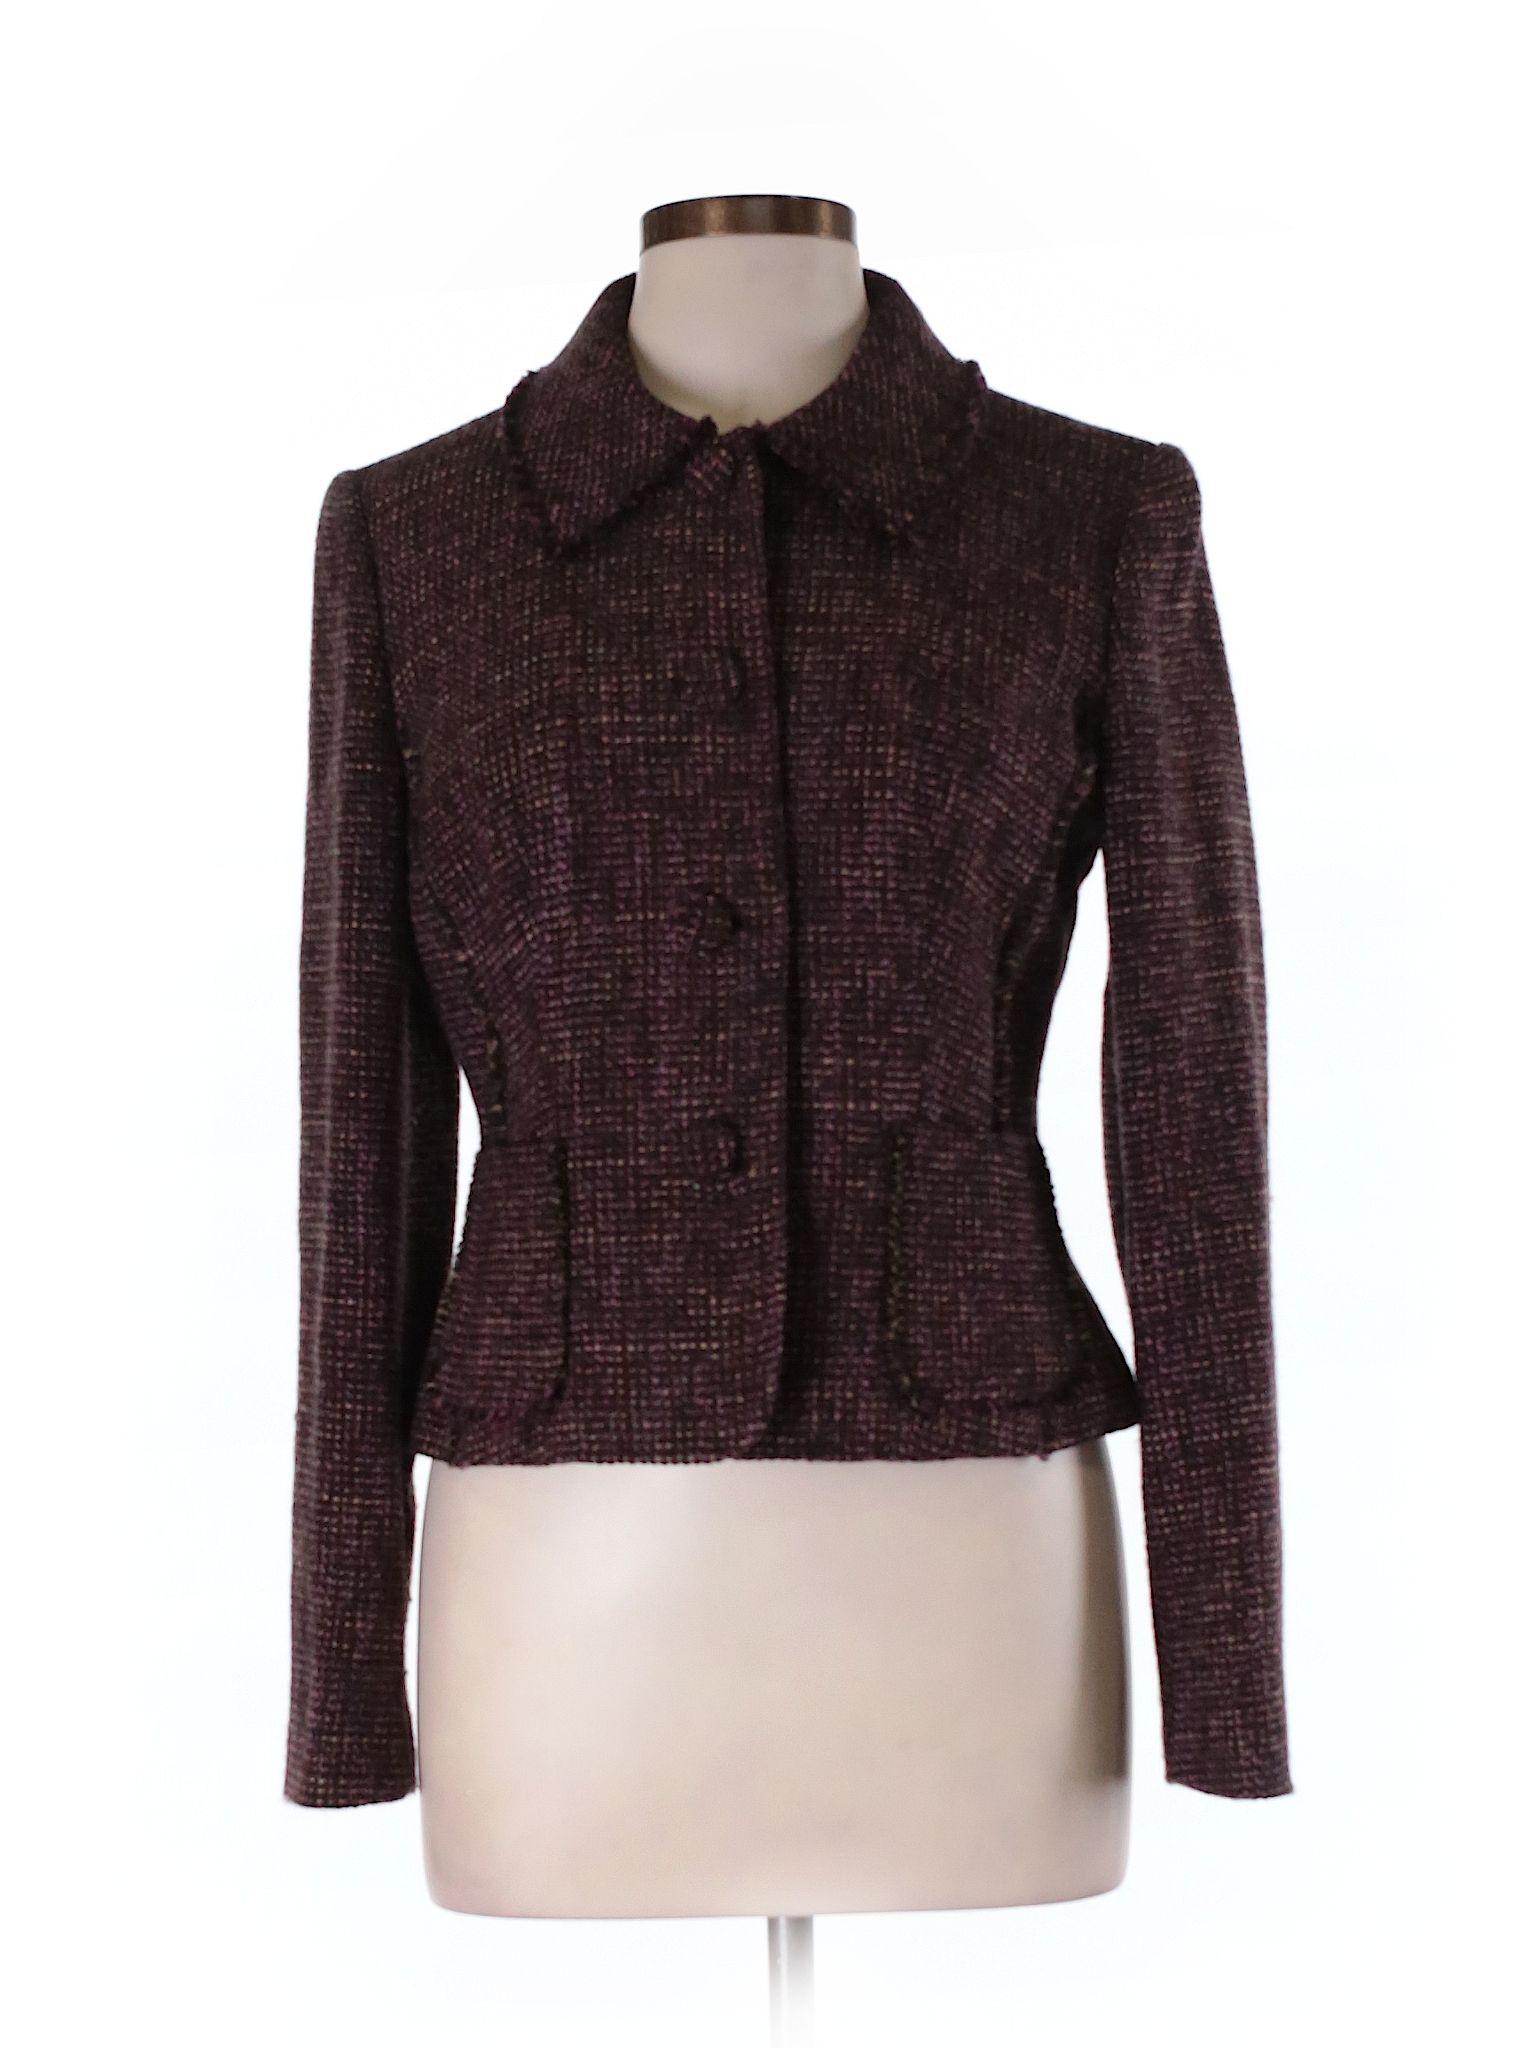 4f81332dfe95 Ann Taylor Wool Blazer: Size 8.00 Dark Purple Women's Jackets & Outerwear -  $18.99